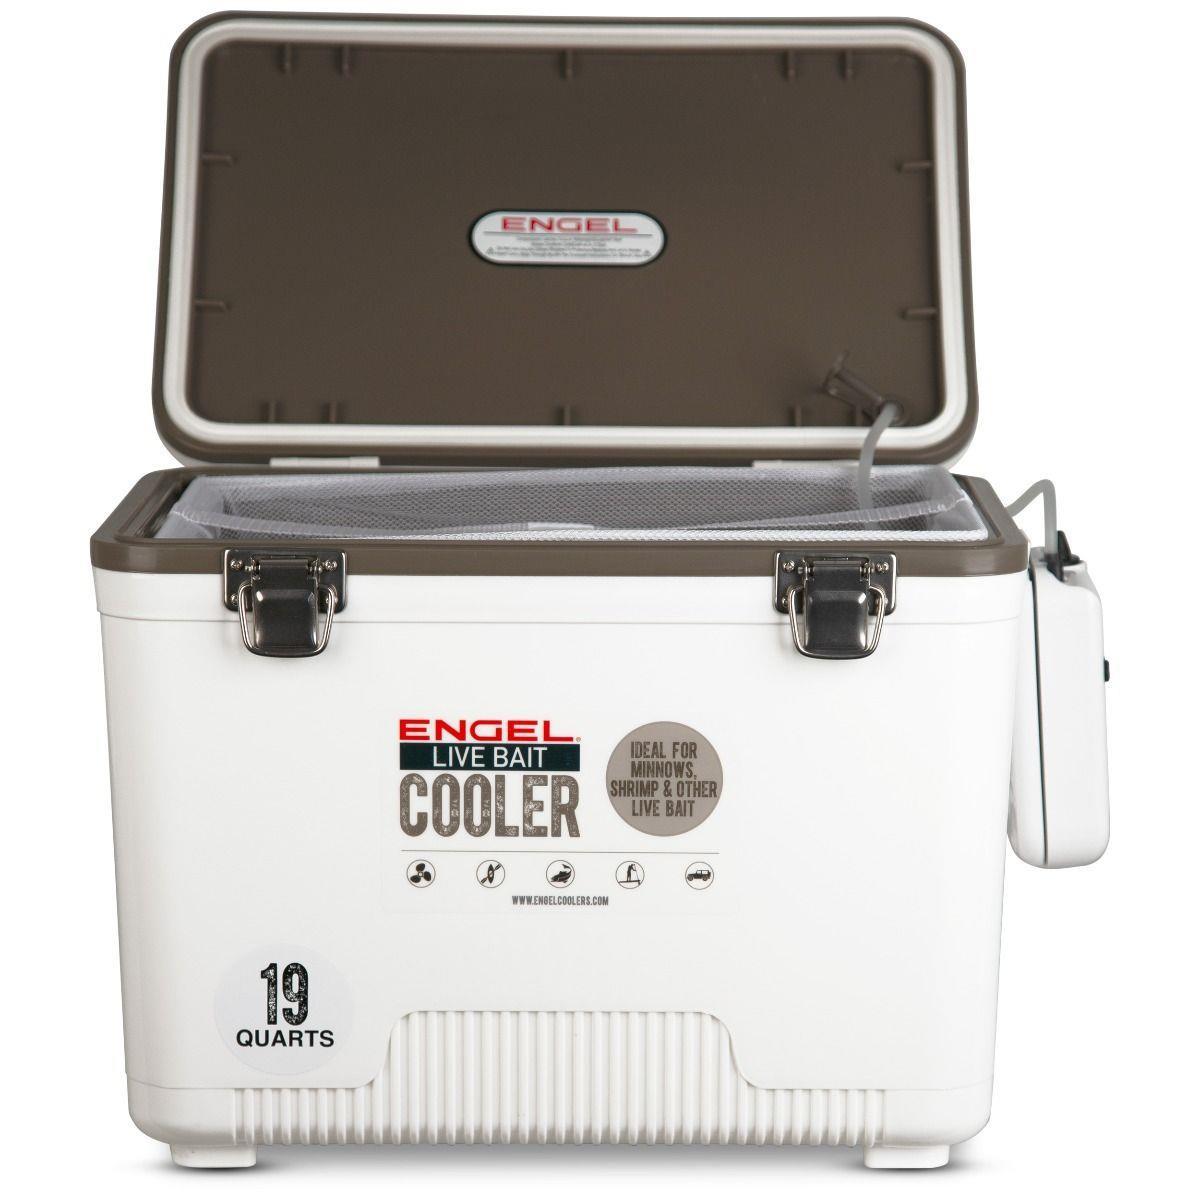 Engel 19QT Live Bait Dry Box/Cooler - 816219024795